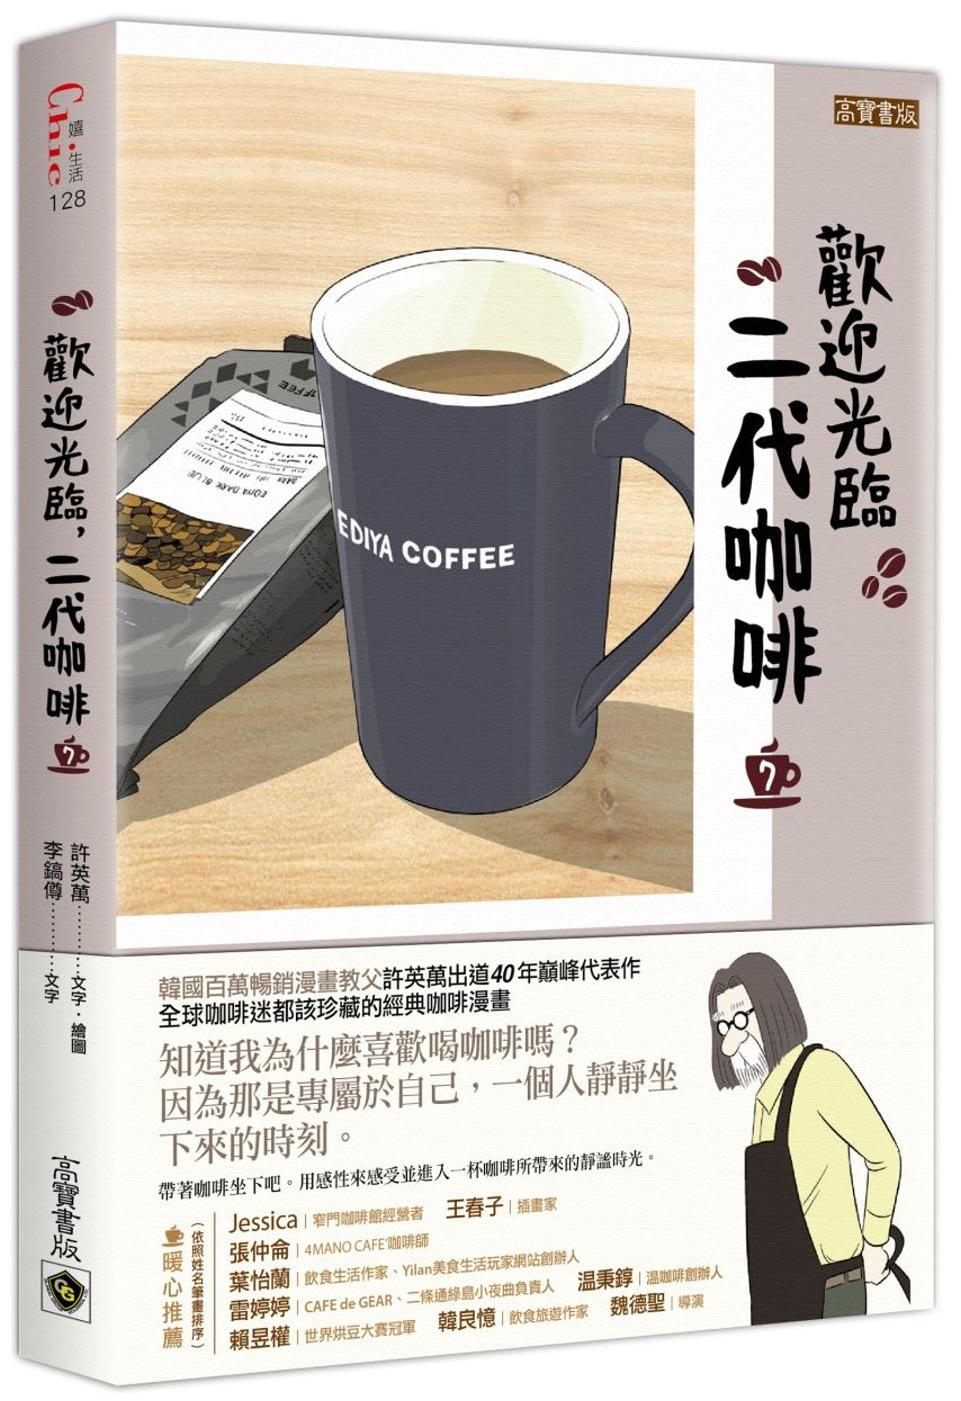 歡迎光臨,二代咖啡7